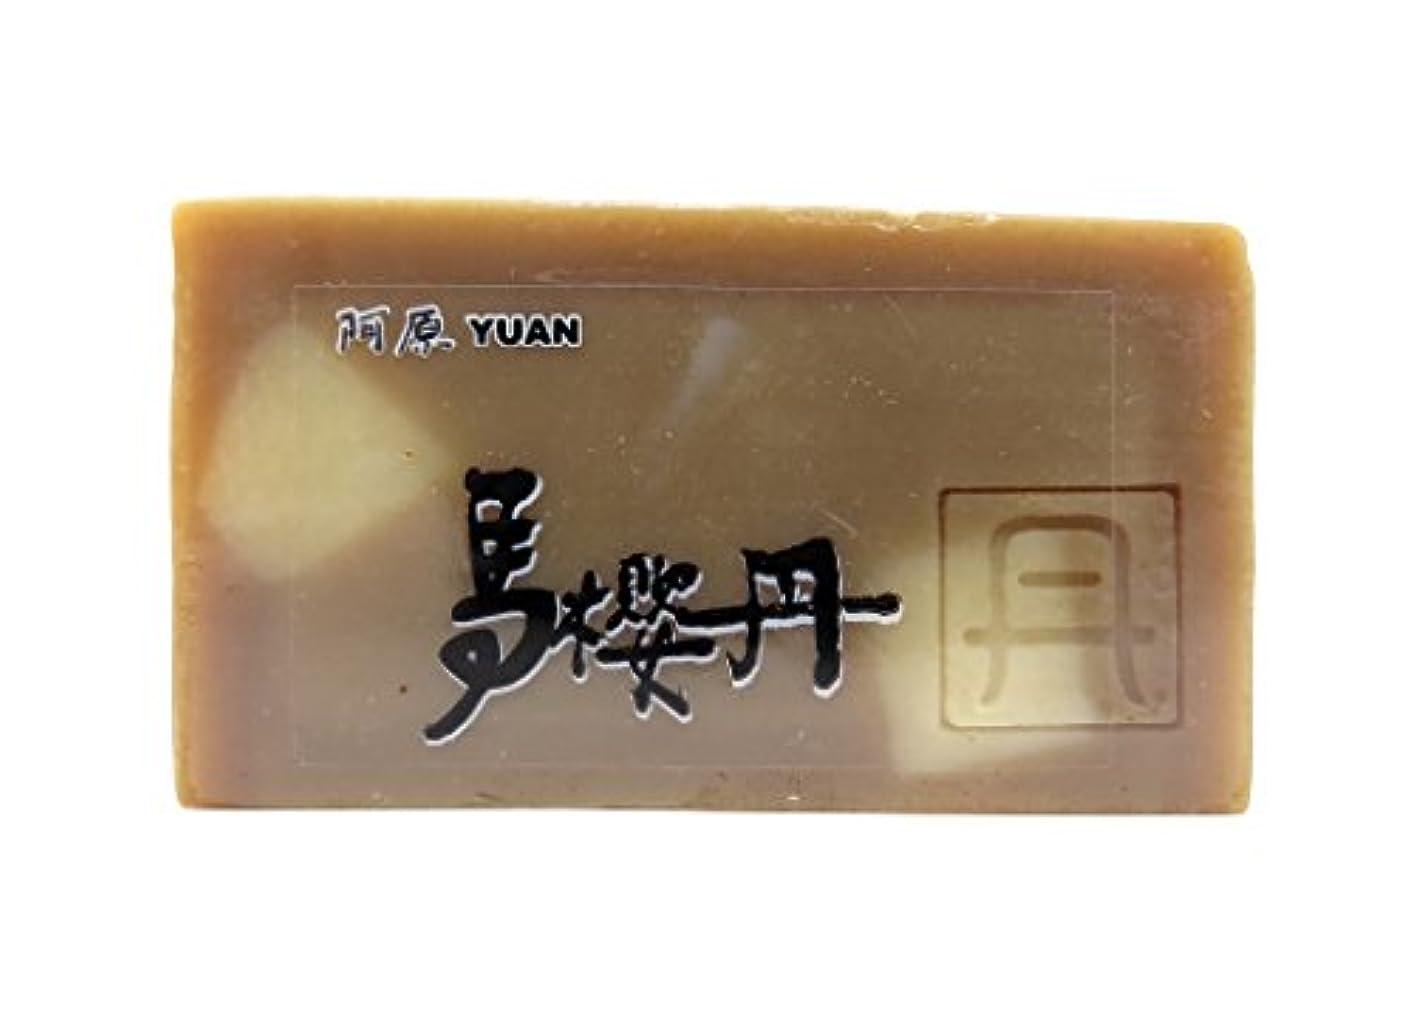 タンク子豚タンパク質ユアン(YUAN) ランタナソープ 固形 100g (阿原 ユアンソープ)